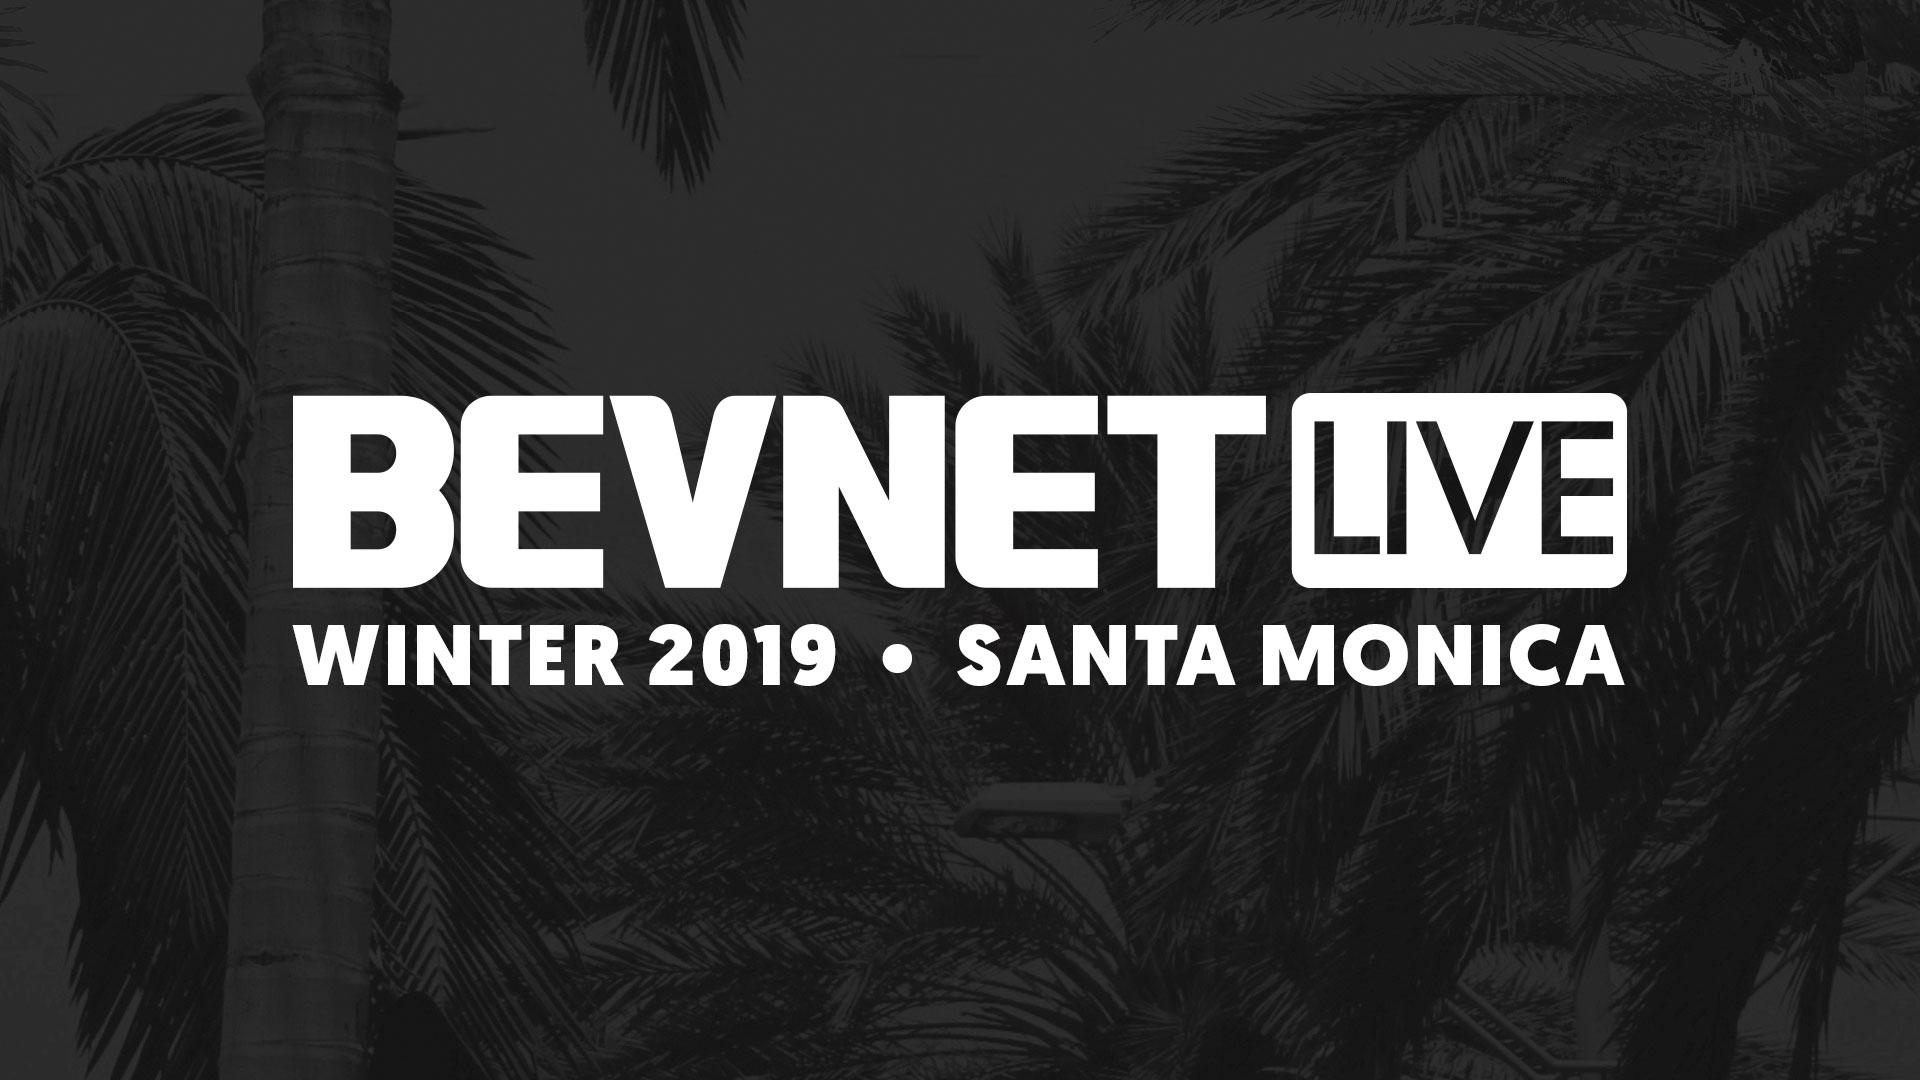 BevNET Live Winter 2019